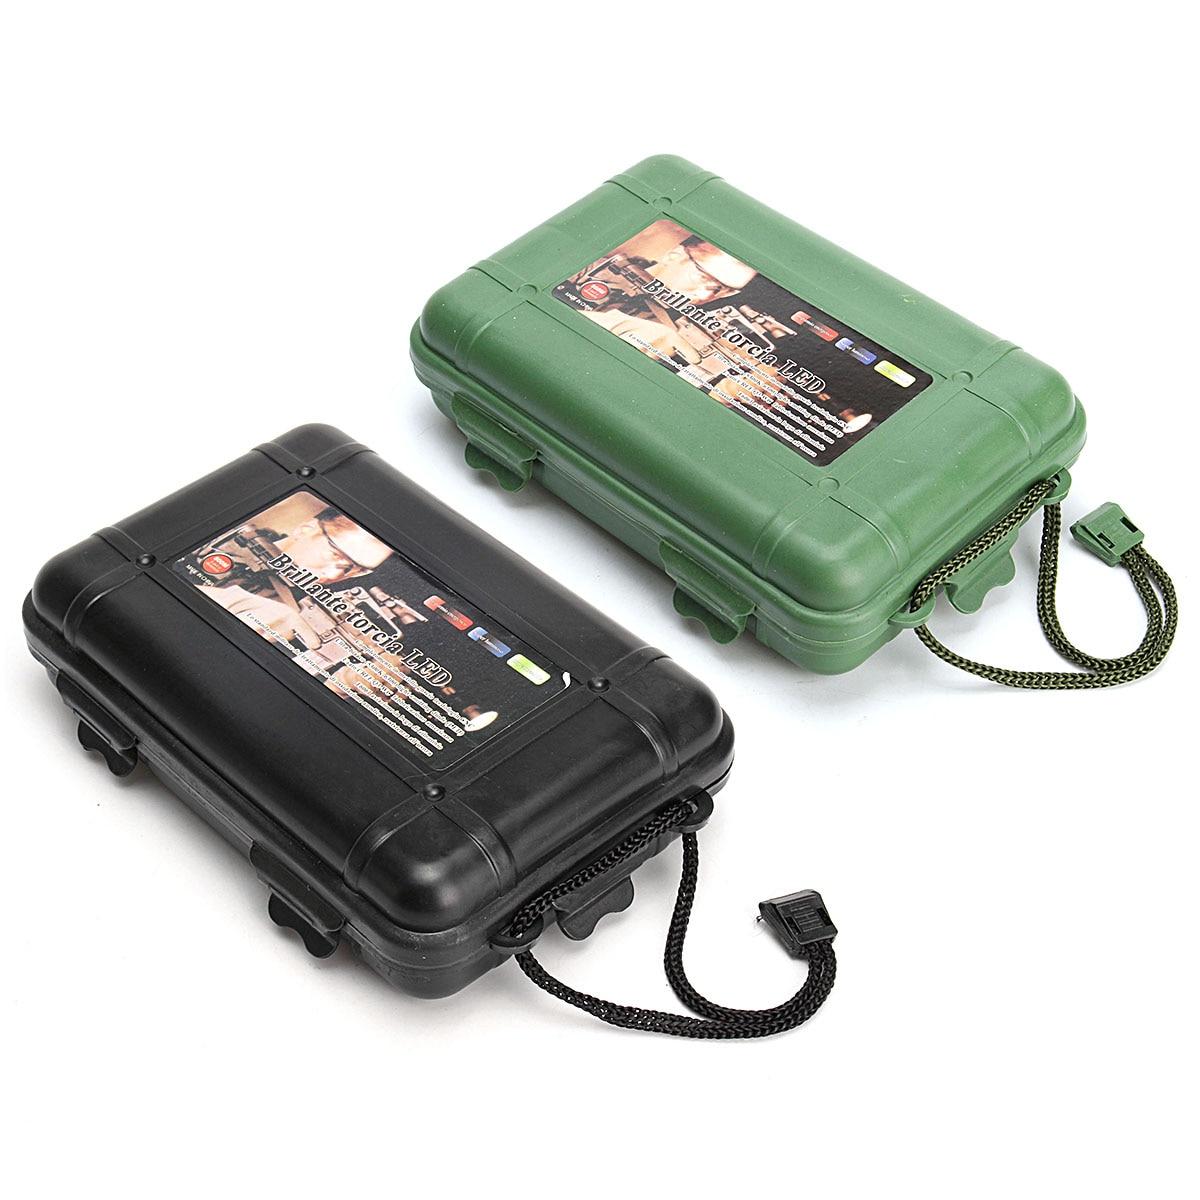 Green/Black Plastic Flashlight Tools Storage Case Box  170x110x45mm